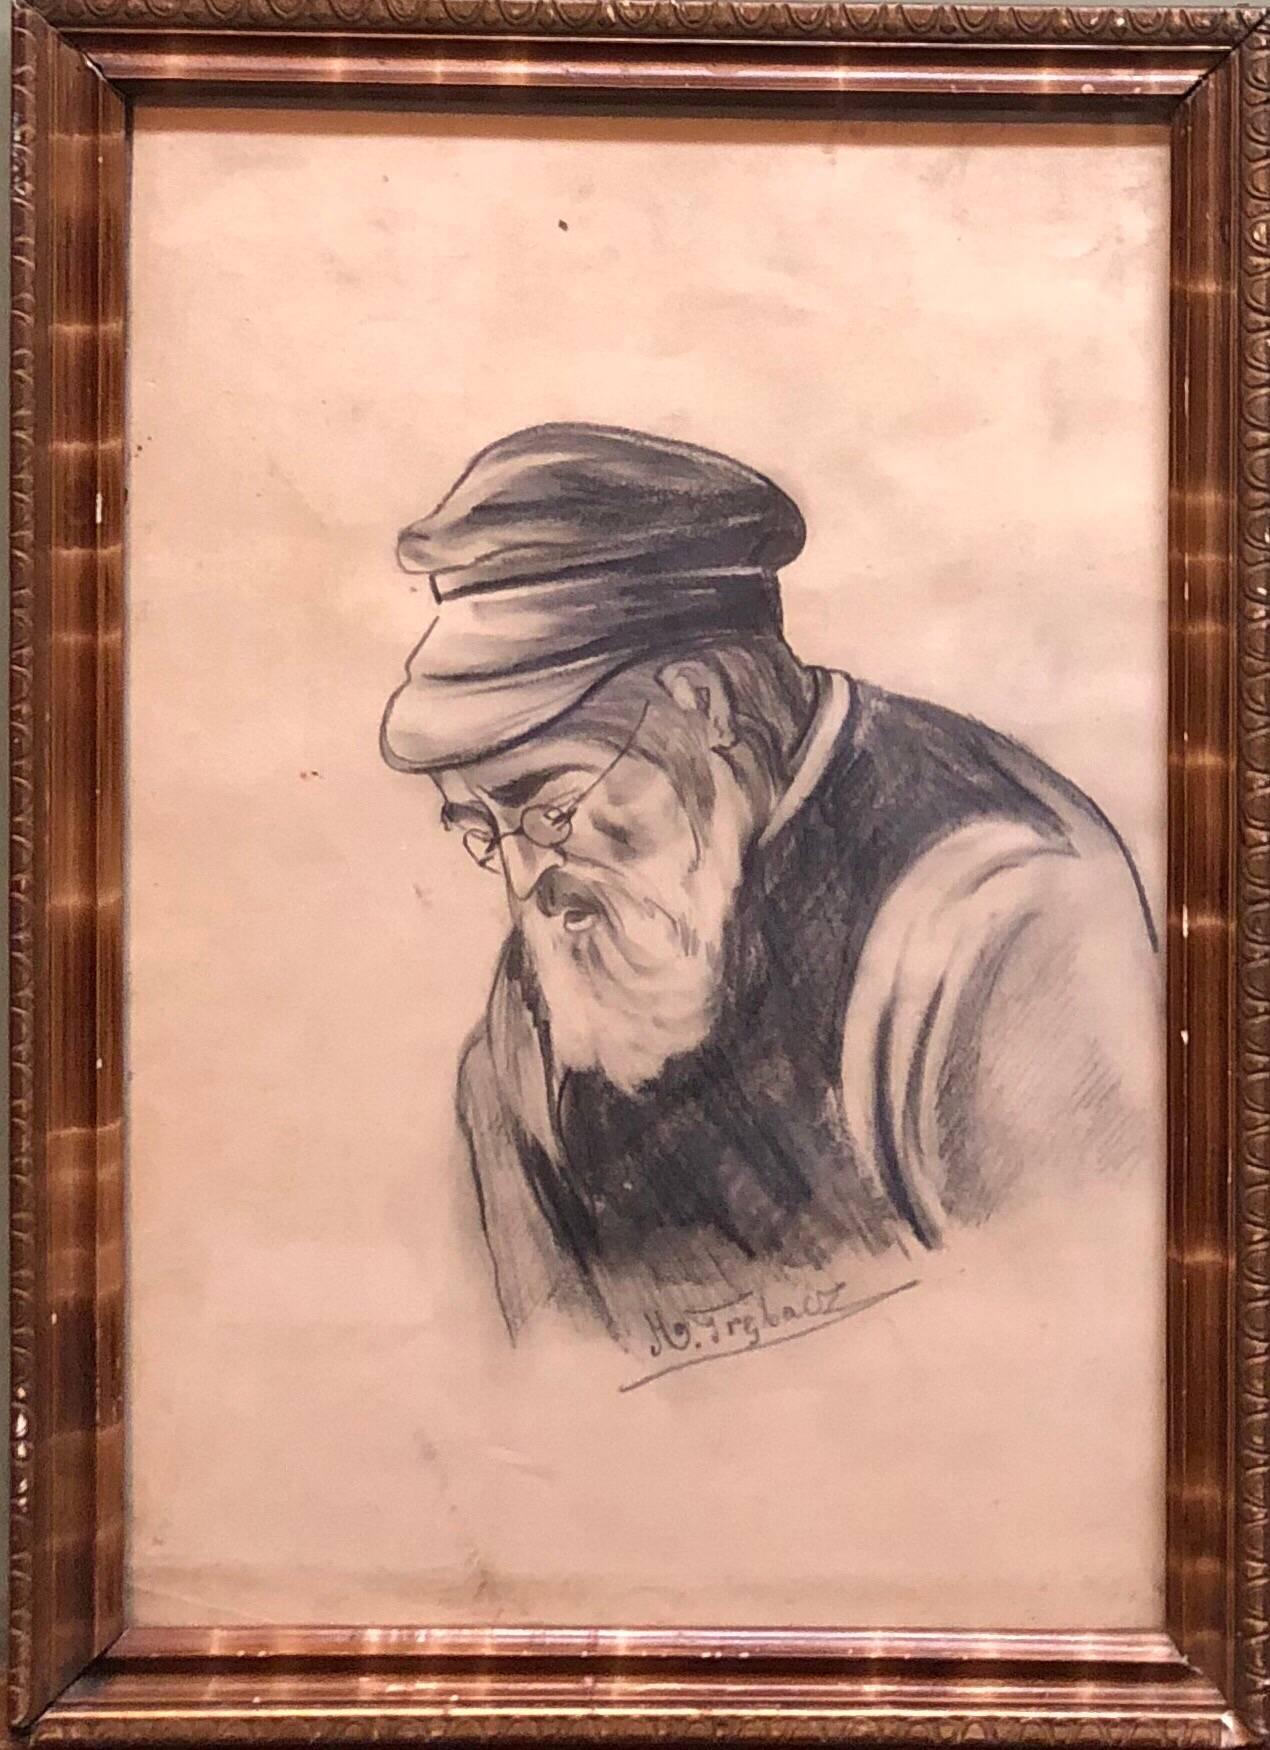 Old Jewish Shtetl Rabbi Charcoal Judaica Drawing World War II Era